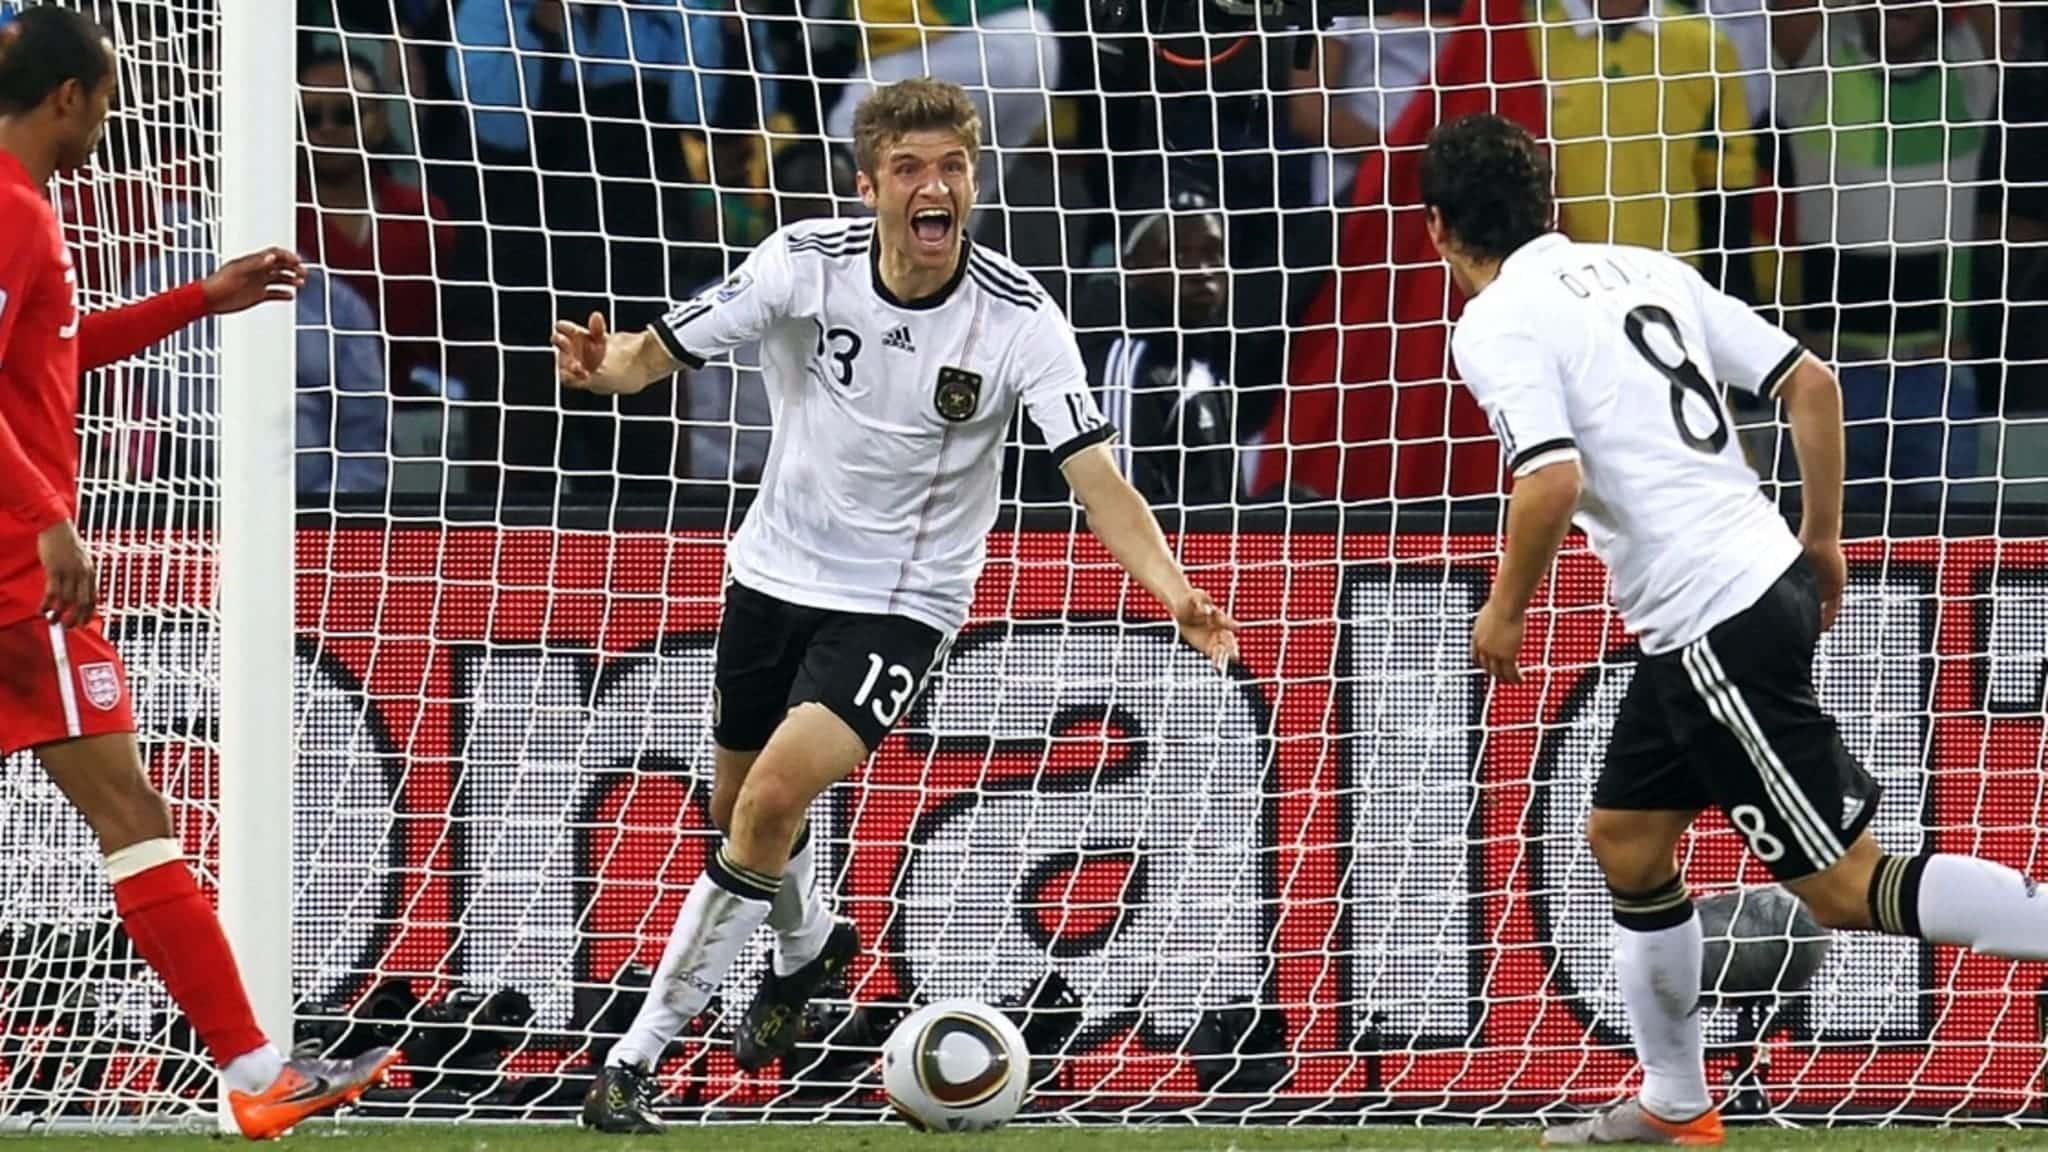 Copa Mundial de la FIFA 2010 ™ - Noticias - #WorldCupAtHome: Muller se amotina en la histórica victoria sobre Three Lions